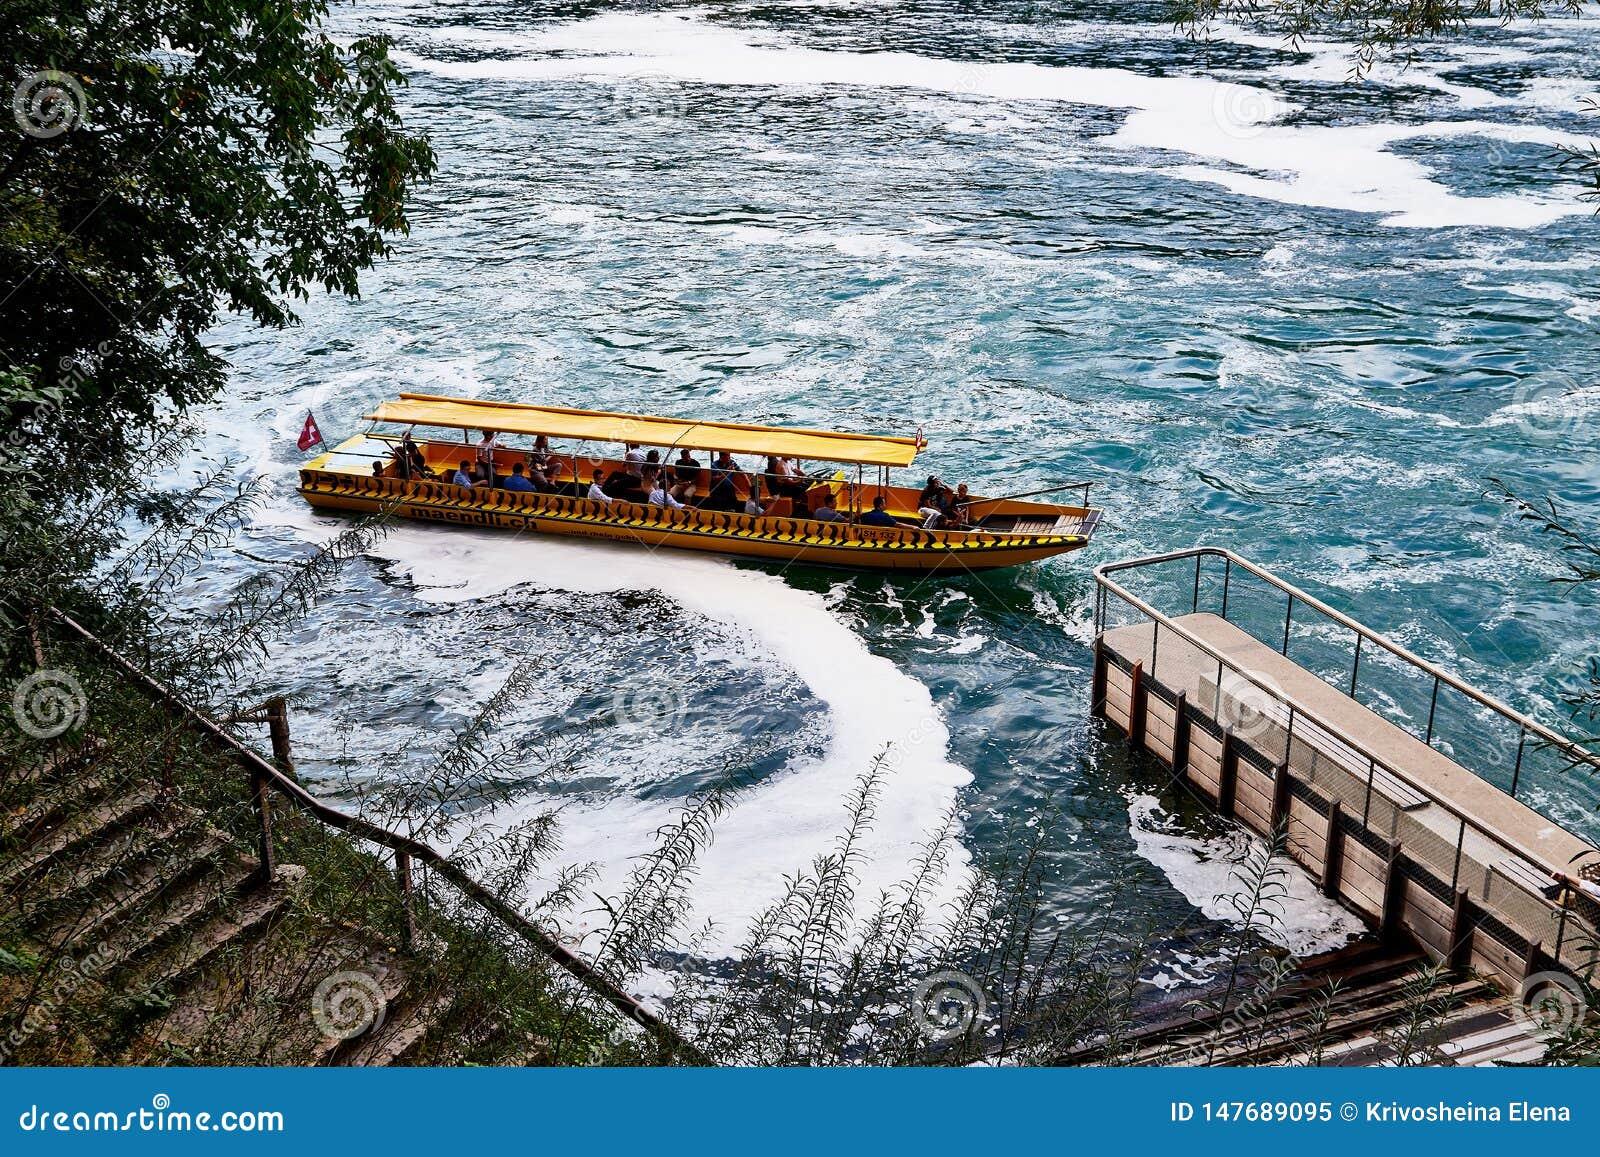 Le Rhin, Suisse - 19 septembre 2018 : Bateau de touristes sur le Rhin pr?s des chutes du Rhin en Suisse